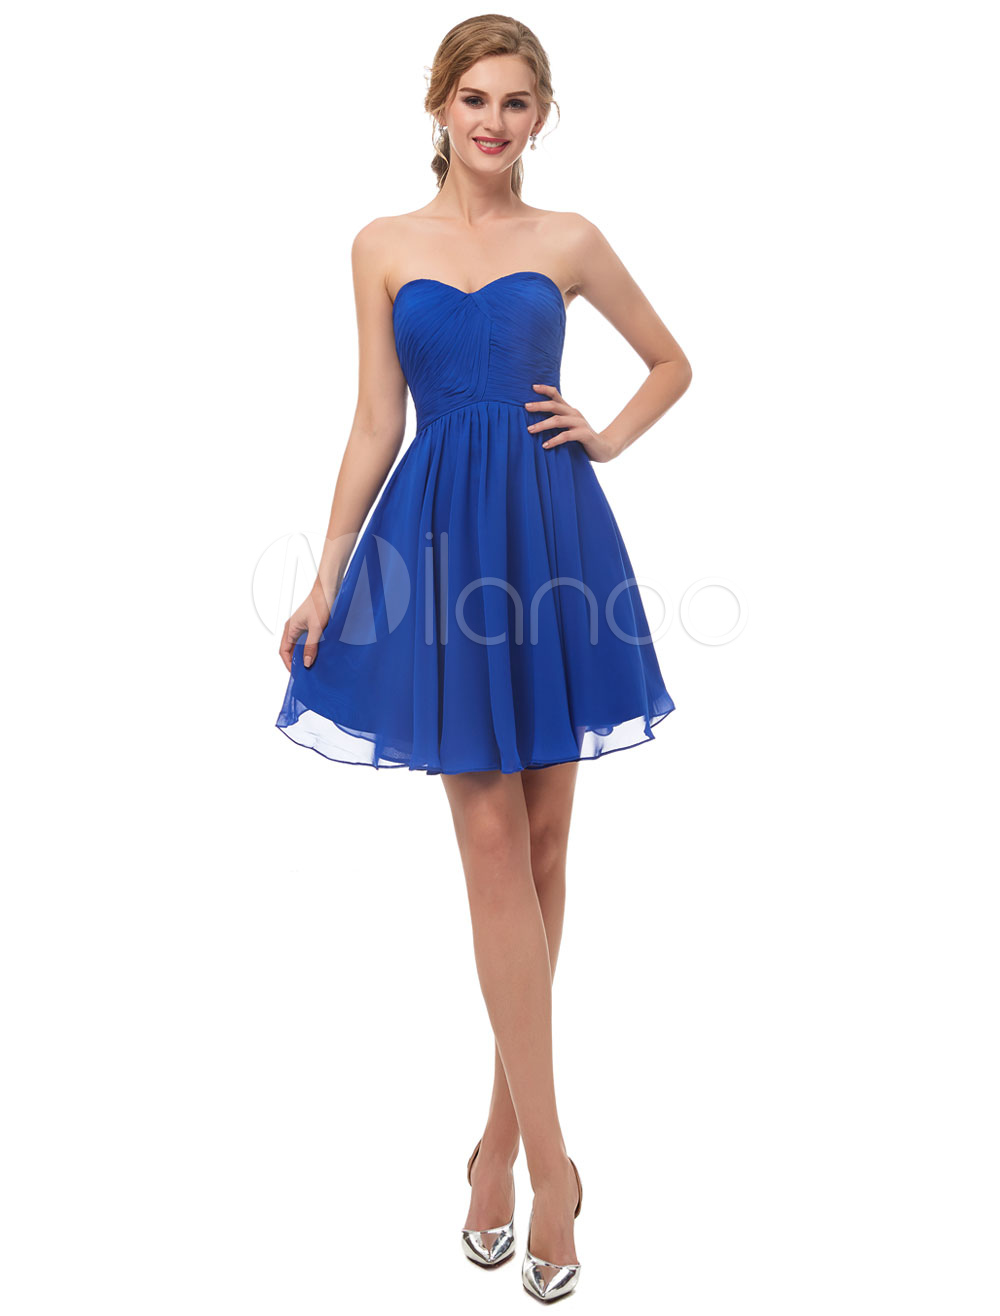 45d75d3ca Vestido de fiesta azul francia corto - Vestidos a la moda en España ...